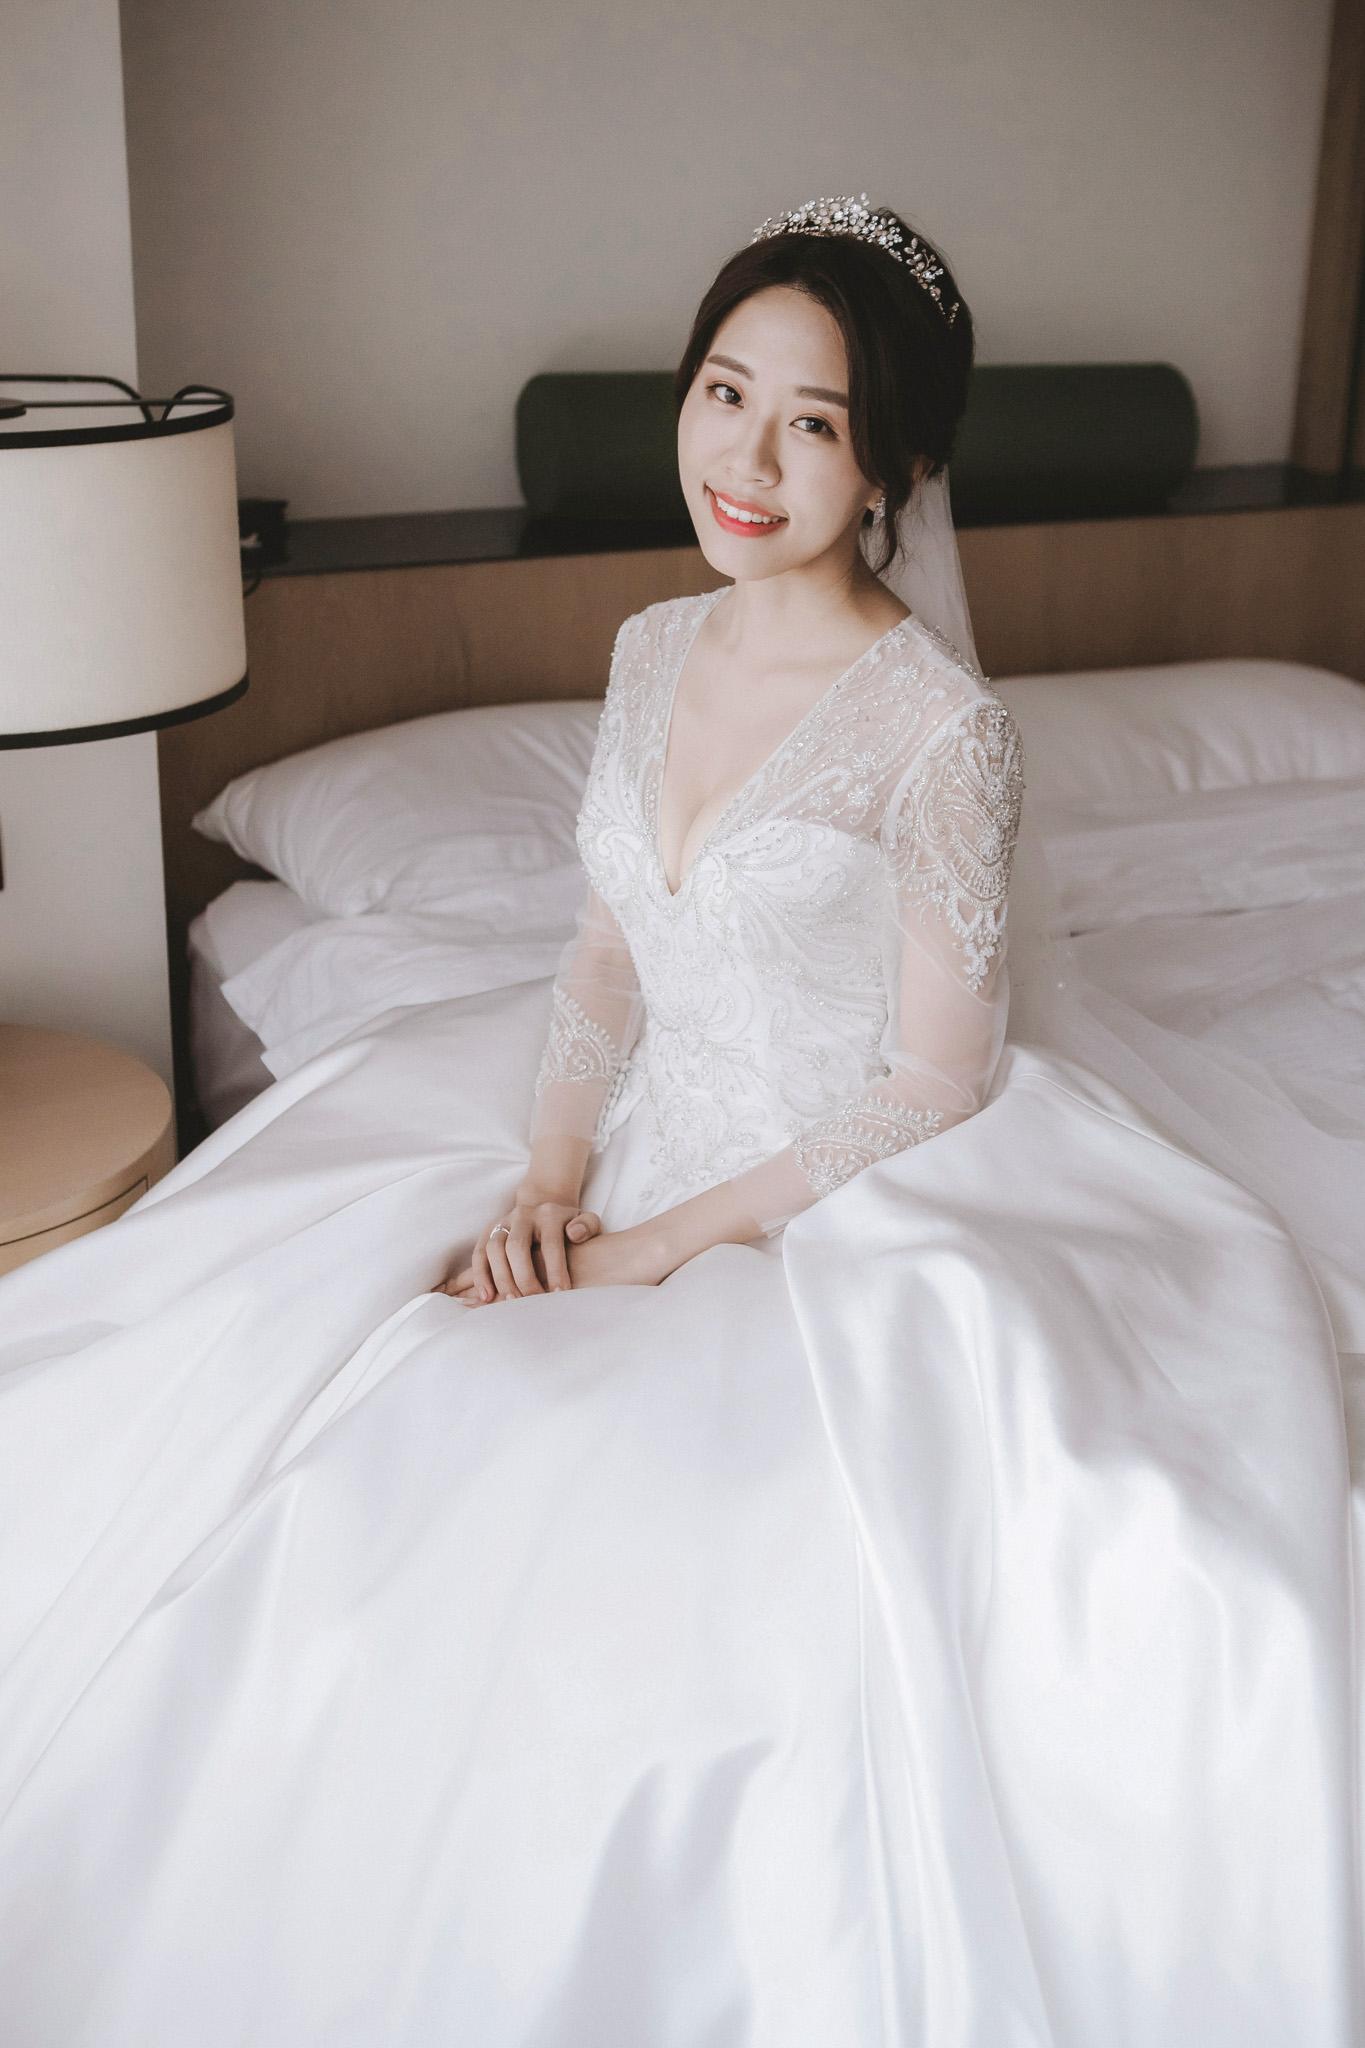 EW 居米 台北婚宴 台北婚紗 台北婚攝 凱達飯店 台北婚禮 -5